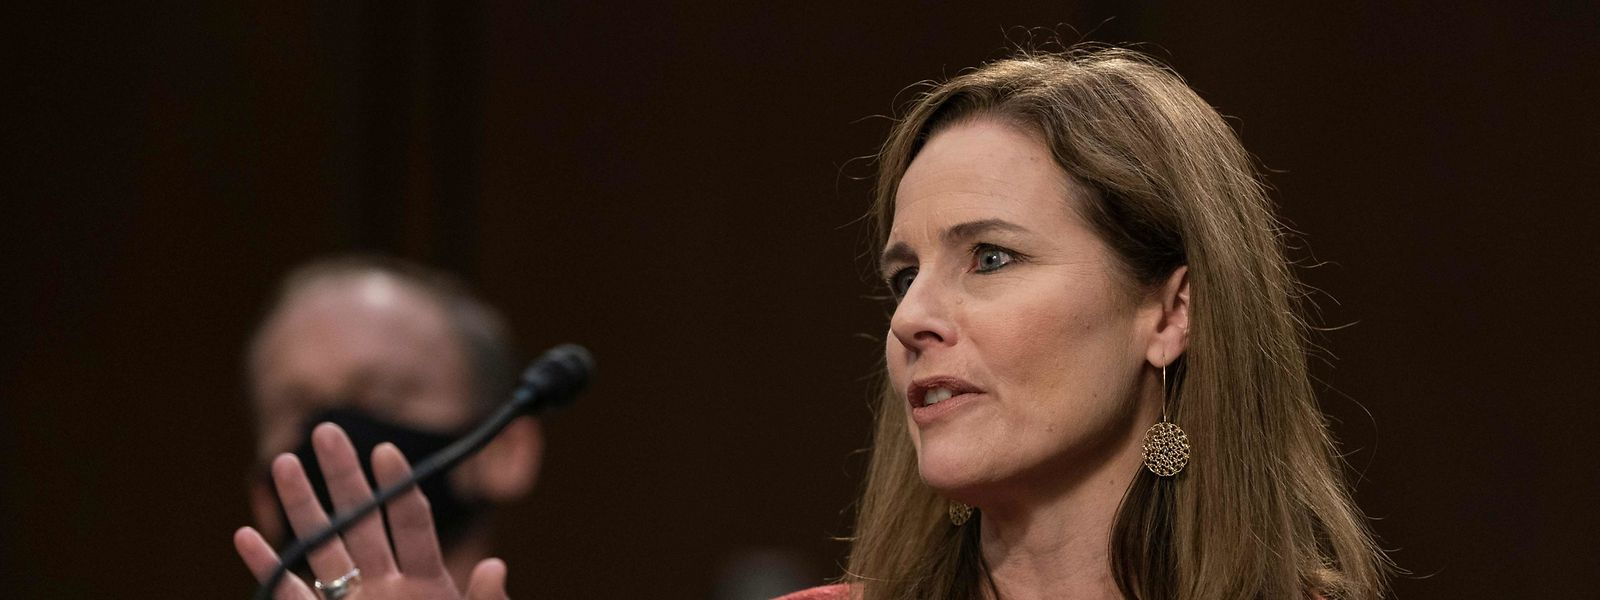 Trumps Kandidatin zum Posten am Obersten US-Gericht, Amy Coney Barrett, wich am zweiten Tag der Anhörungen im US-Senat unter anderem Fragen zu Themen wie Abtreibung und Obamacare aus.